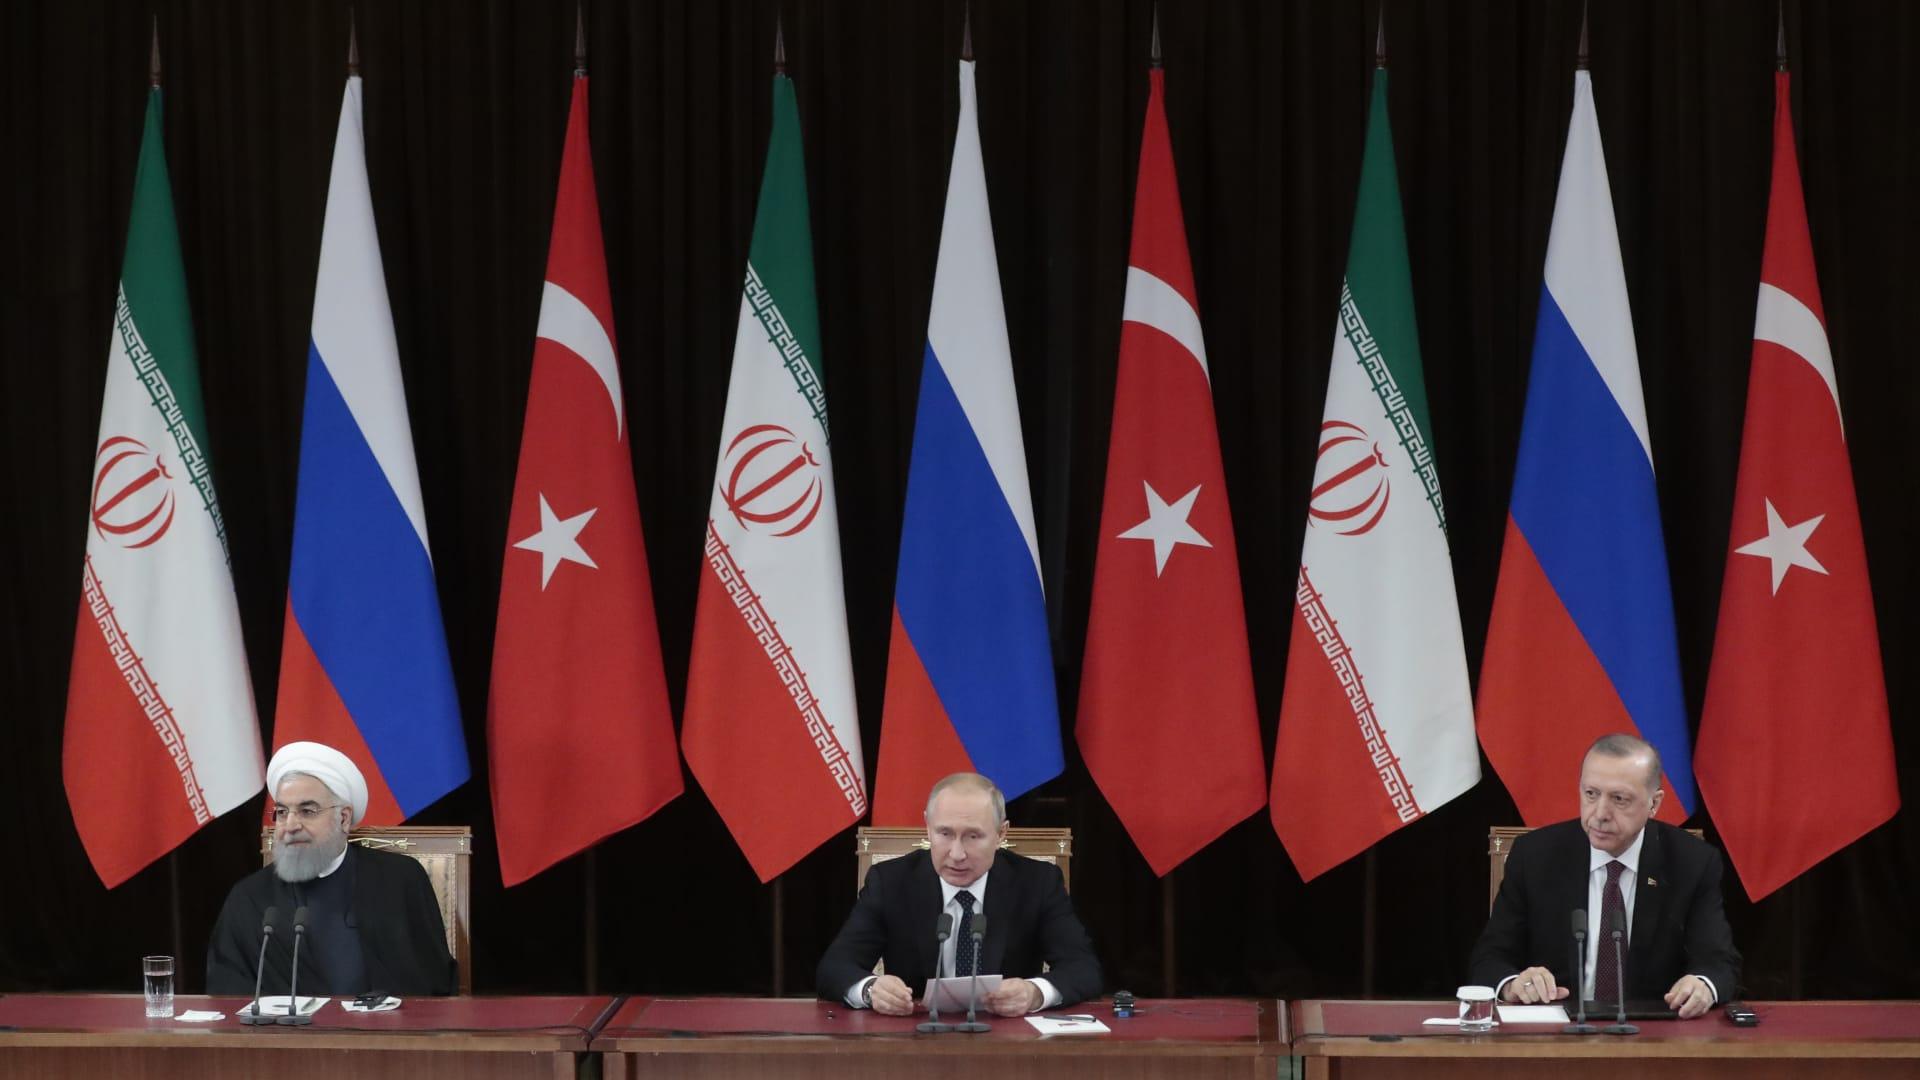 رأي.. بشار جرار يكتب عن معركة إدلب بين مؤتمري سوتشي ووارسو